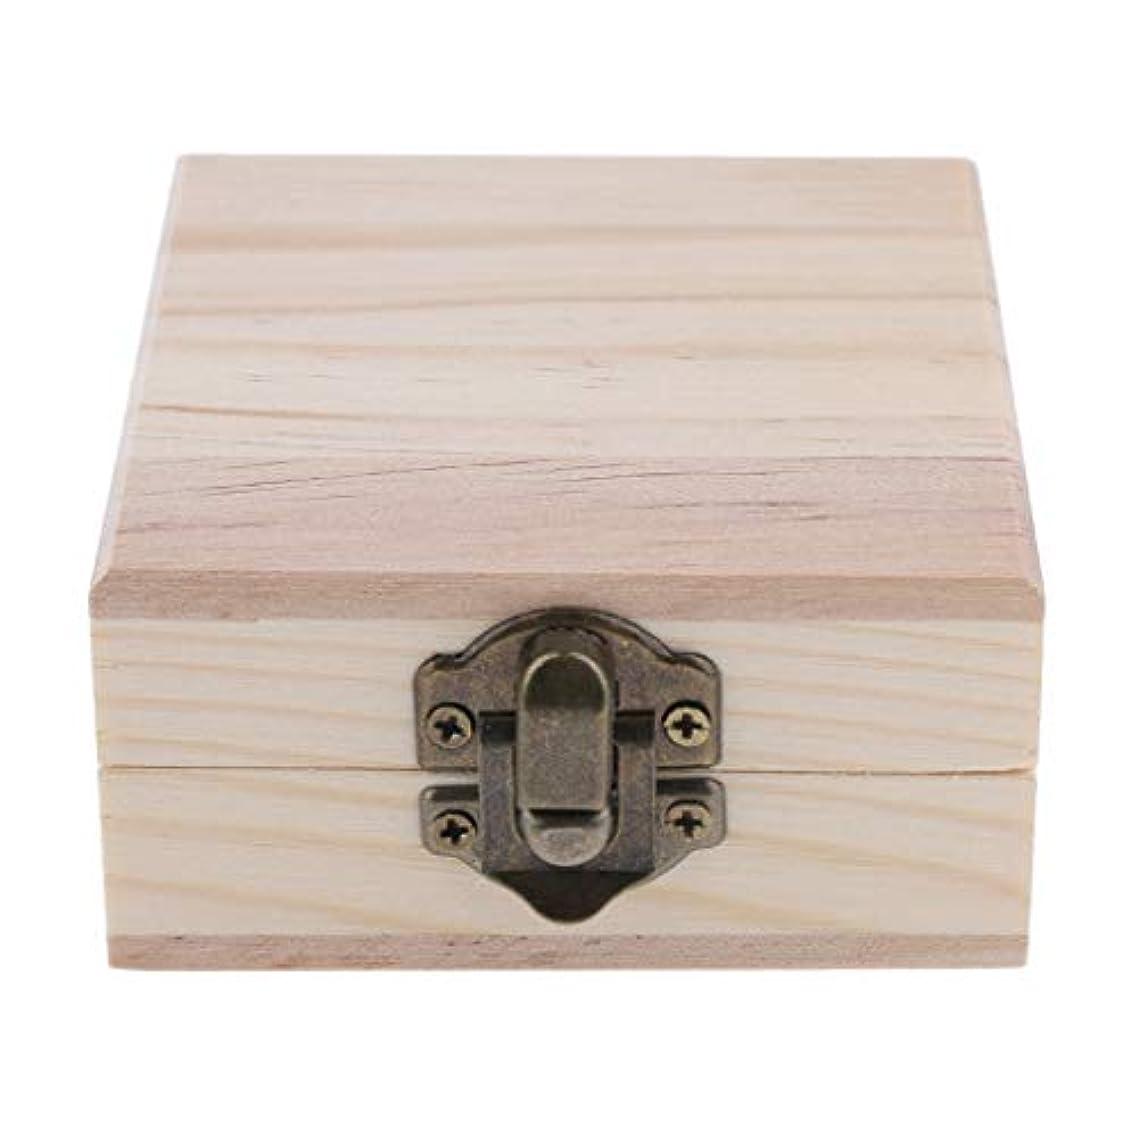 ドループフォーカス愛情深いFLAMEER 天然木 精油ボックス 香水ケース エッセンシャルオイル 2本 収納ボックス 15ミリ